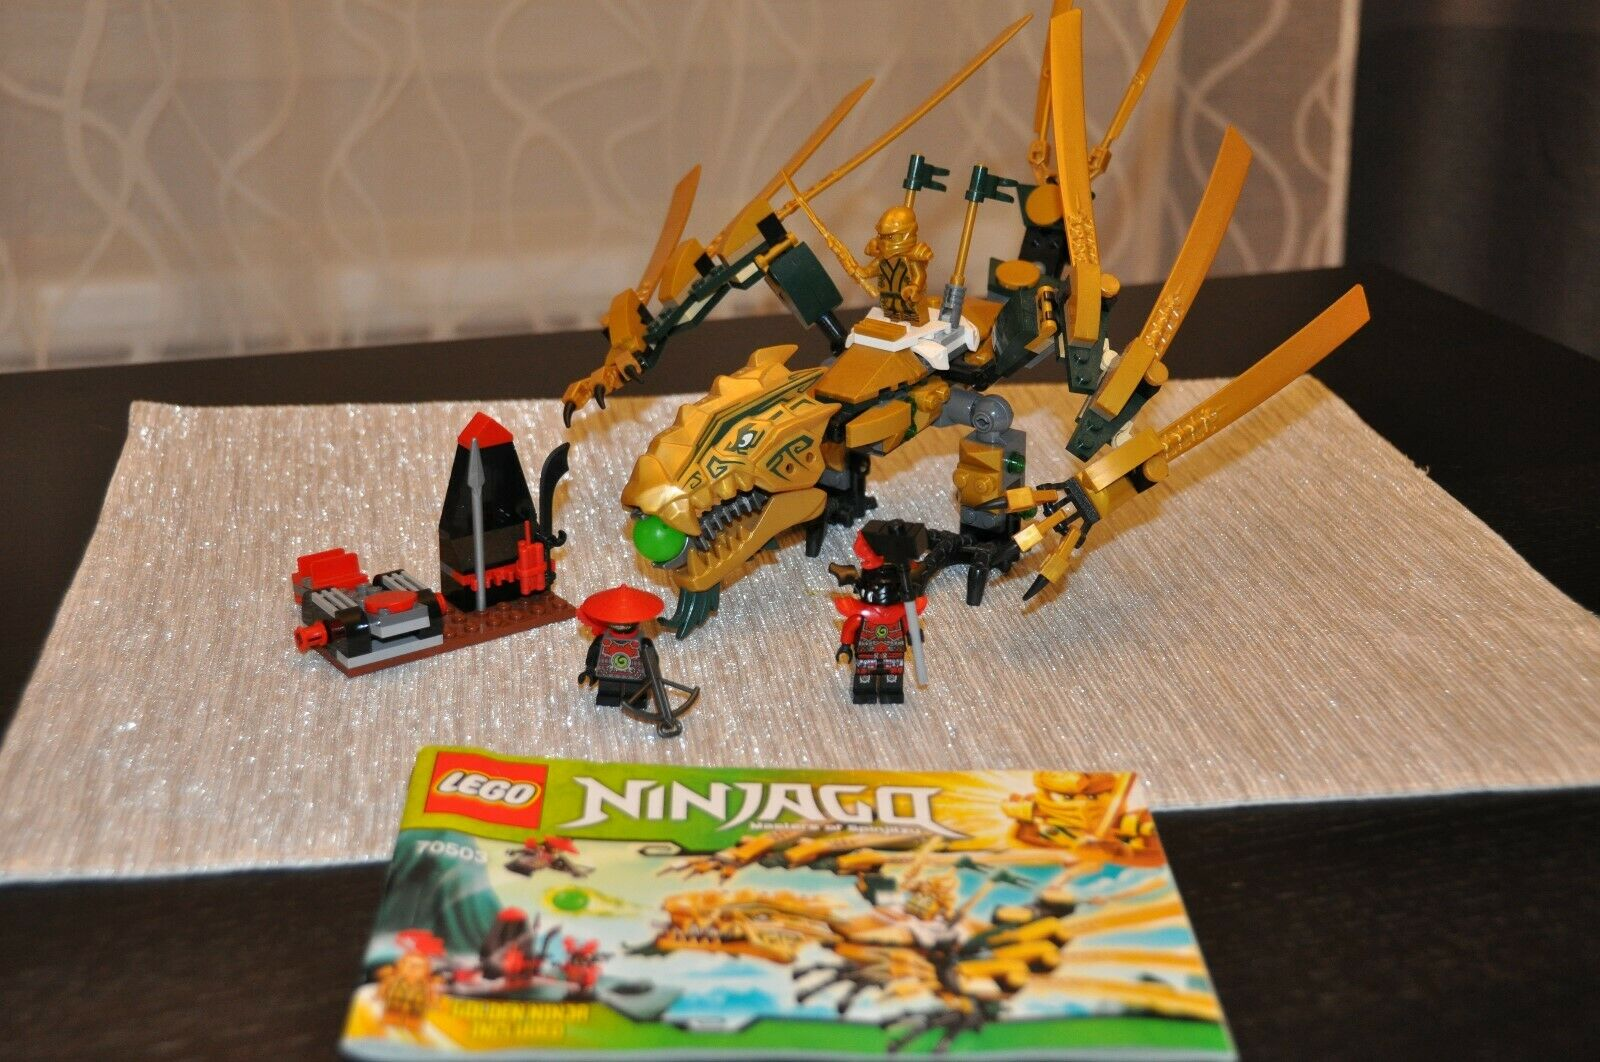 nuova esclusiva di fascia alta LEGO Ninjago The oroen Dragon (70503) (70503) (70503)  all'ingrosso a buon mercato